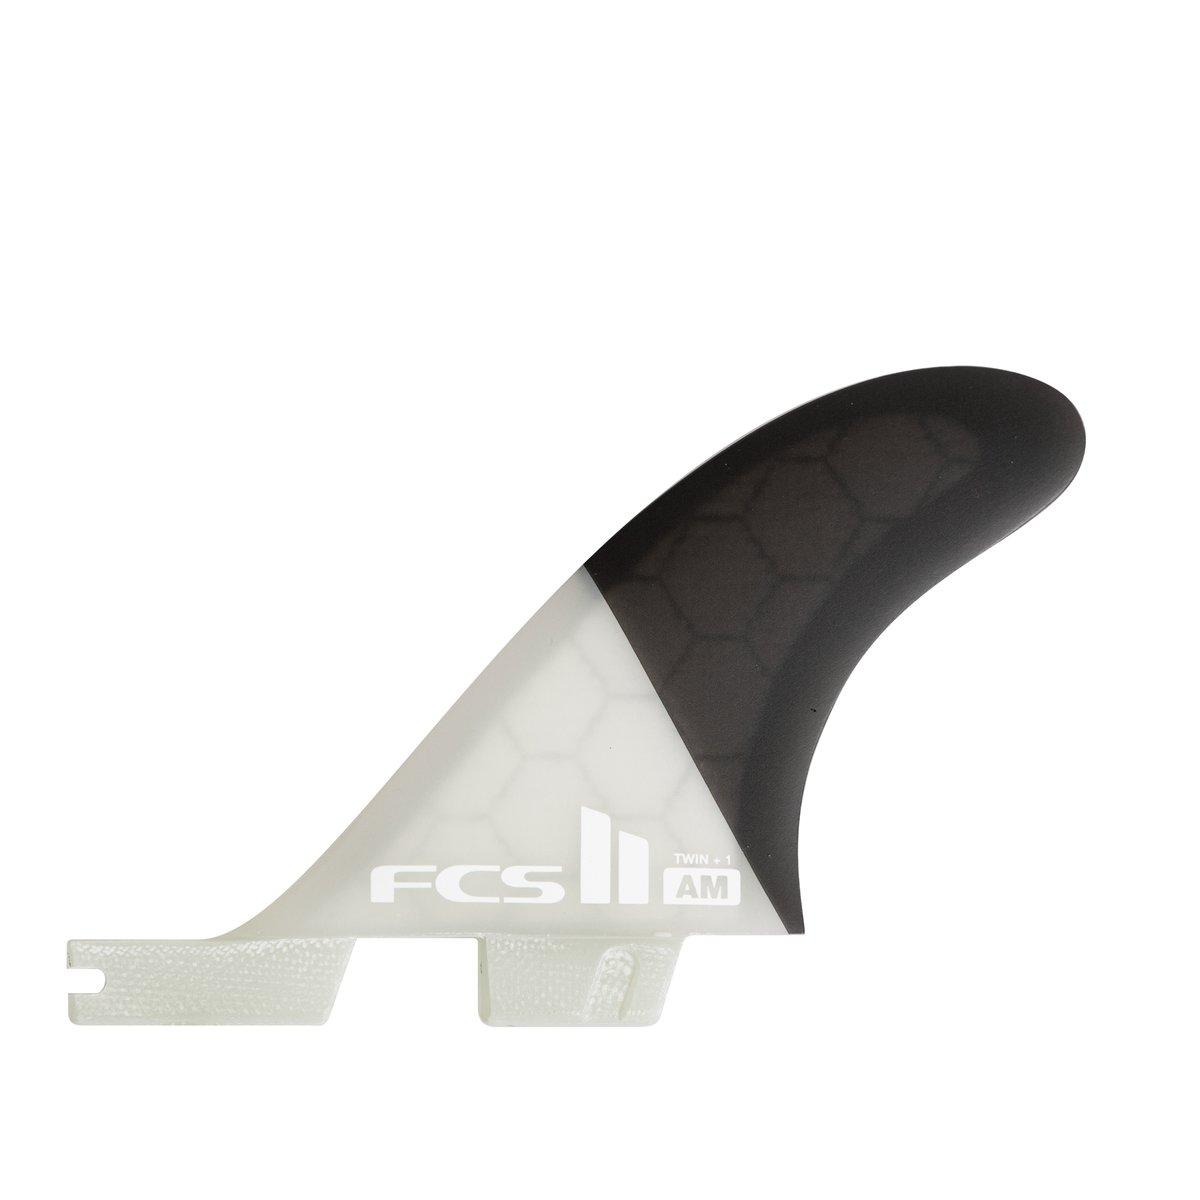 סט חרבות מדגם AM Honeycomb של חברת FCS Fins.עיצוב Twin המפורסם של Al Marrick האגדי.סט החרבות AM Honeycomb מגיע עם שתי חרבות גדולות (Twin Fin) ועם חרב קטנה אחורית להוספת יציבות בימים גבוהים.סט החרבות בנוי מ - Honeycomb. מה שנותן לו רכות וגמישות מאוד יחודית אשר מתאימה מאוד לגלישה מרייל לריילֿוזרימה על הגל.סט מדהים לאוהבי Twin Fin